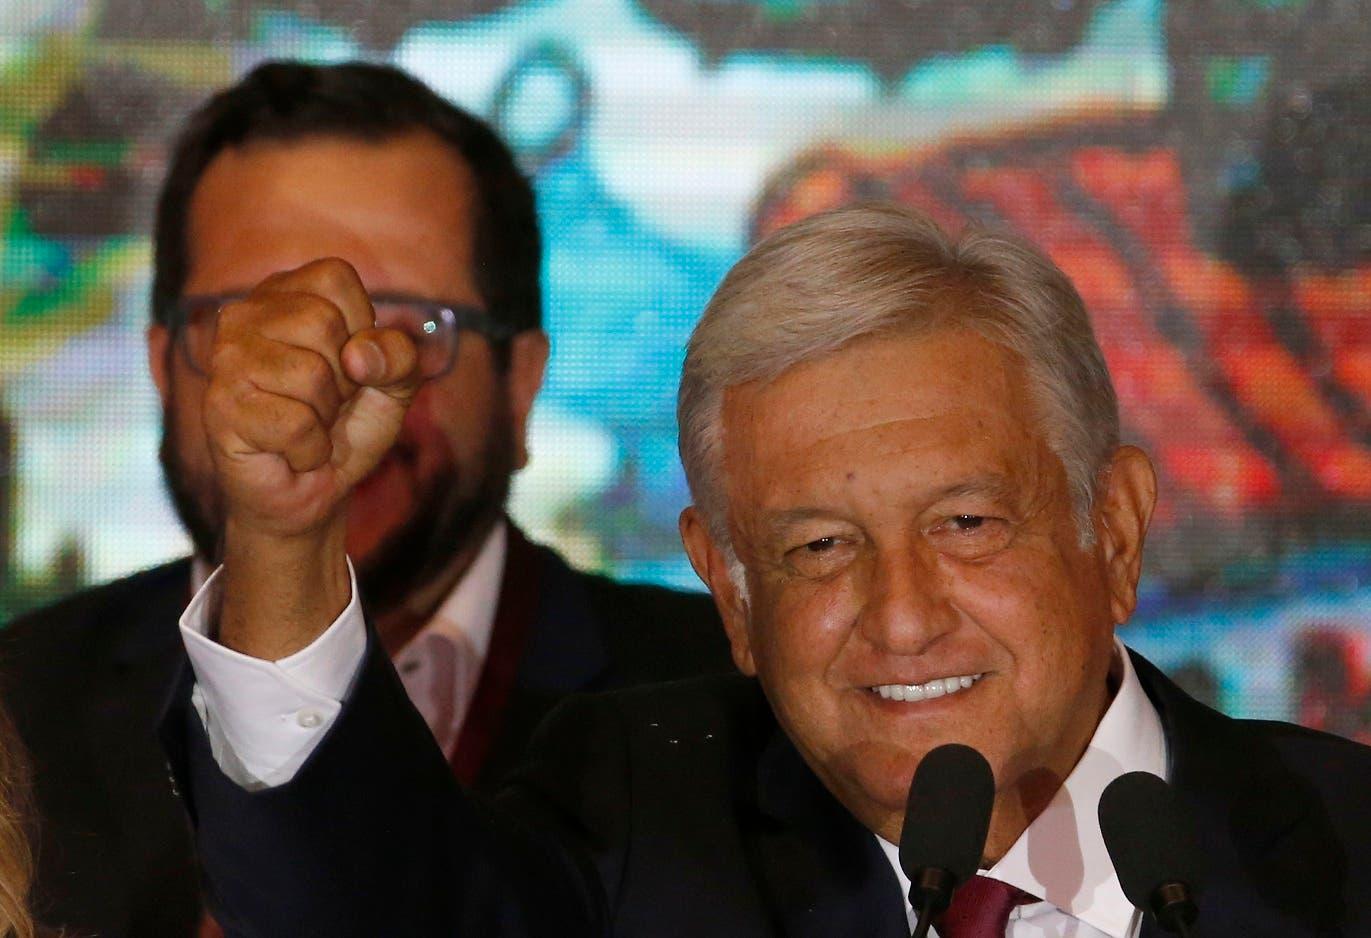 De acuerdo con datos oficiales del Instituto Nacional Electoral (INE) con un avance de 57 % en el conteo de votos, Morena ganó los gobiernos de Ciudad de México, del suroriental estado de Chiapas, del céntrico Morelos, el suroriental Tabasco y el oriental Veracruz.